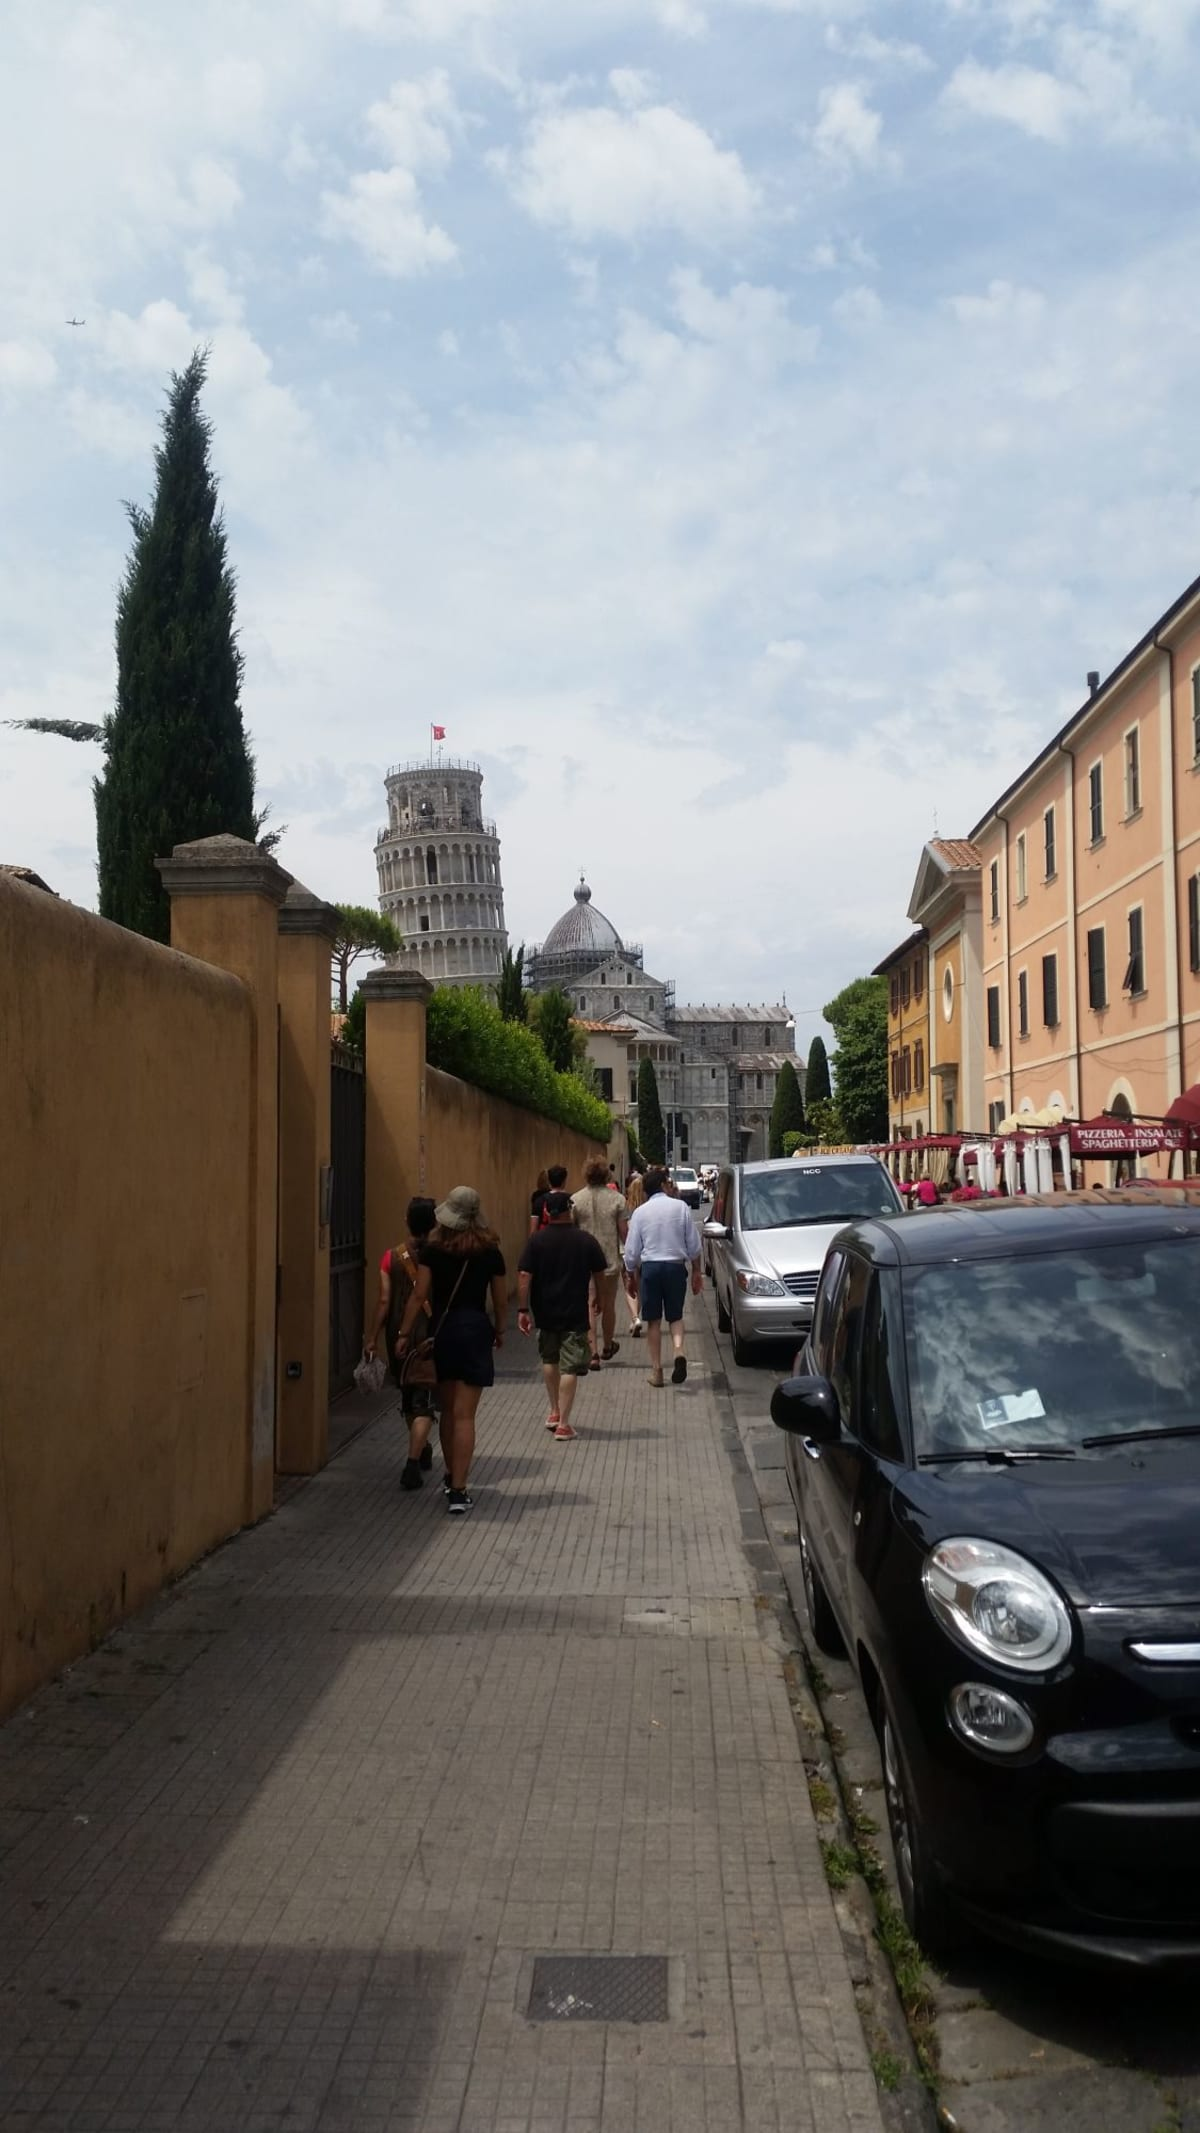 リヴォルノから鉄道で移動。 ピサの斜塔は二回目なので、港から鉄道と徒歩で到達。駅に着くまでと着いてからちょっと歩くが、いい経験。 斜塔から駅までの間にちゃんとしたお寿司屋さんがあったので、お昼を食べた。 | リヴォルノ(フィレンツェ / ピサ)